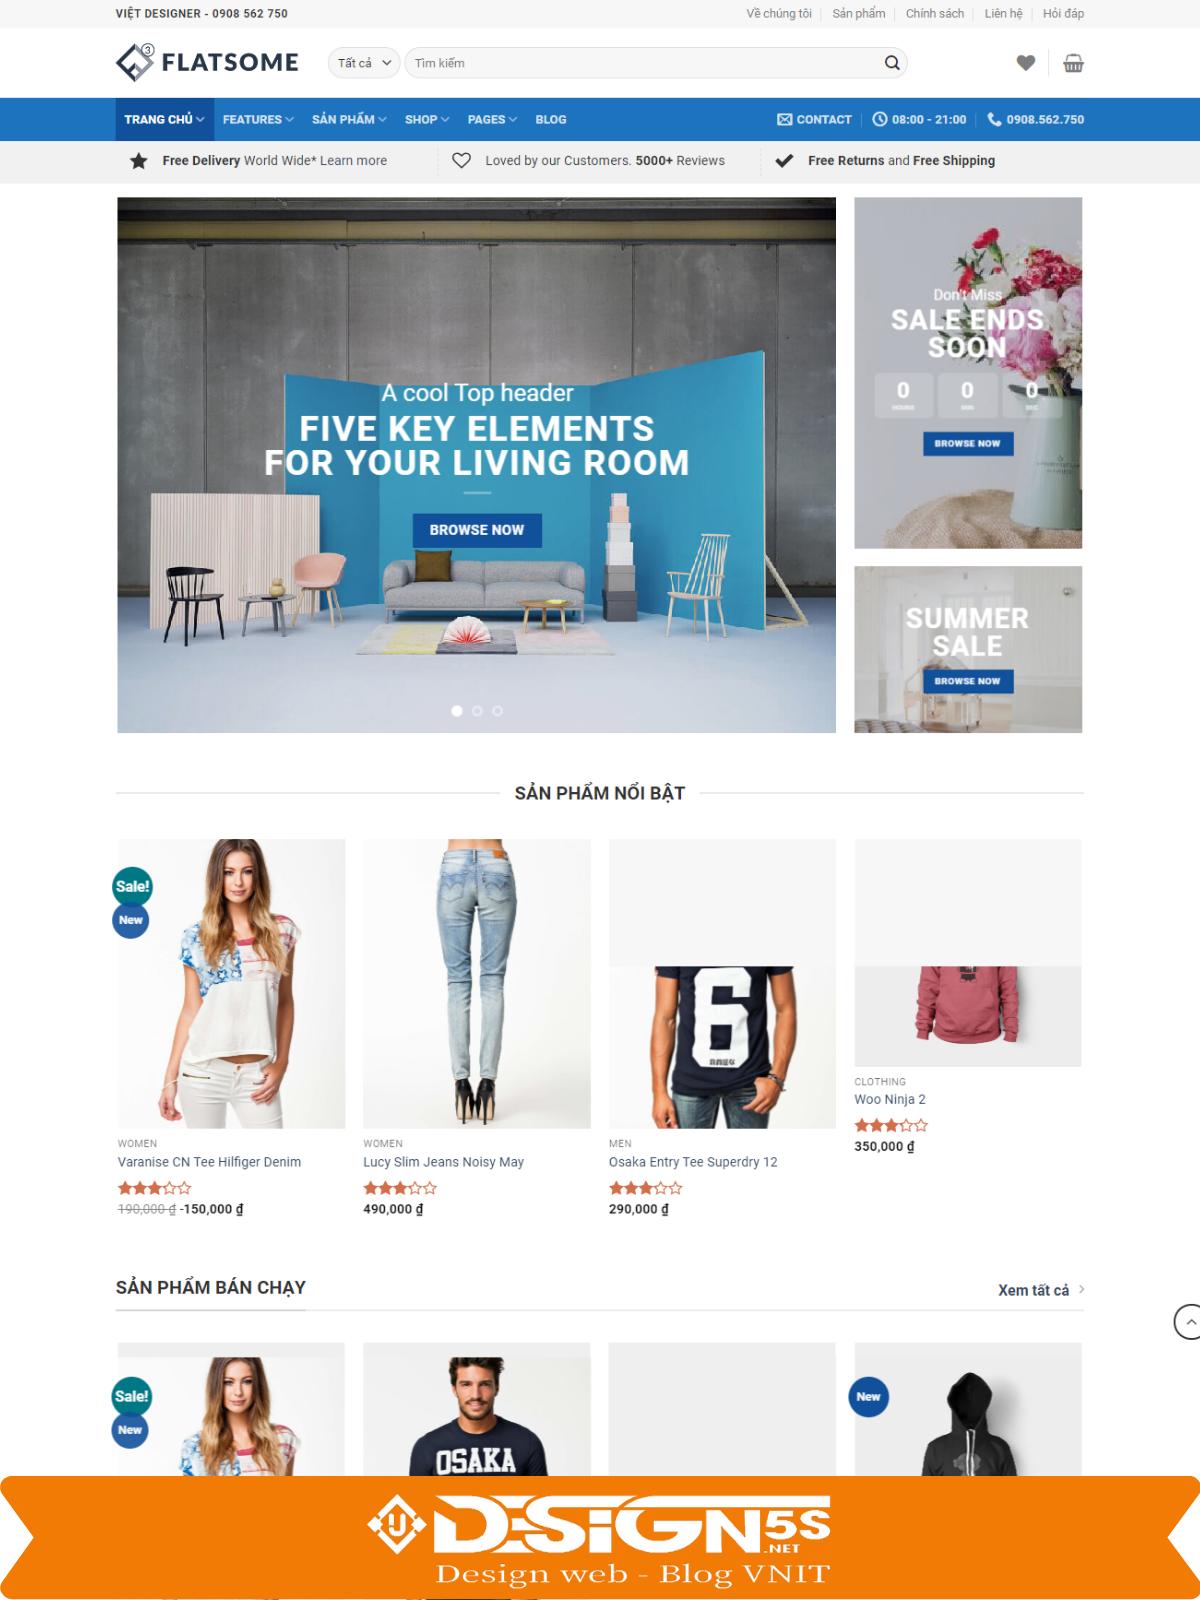 Mẫu Website bán hàng Flatsome Mega Shop